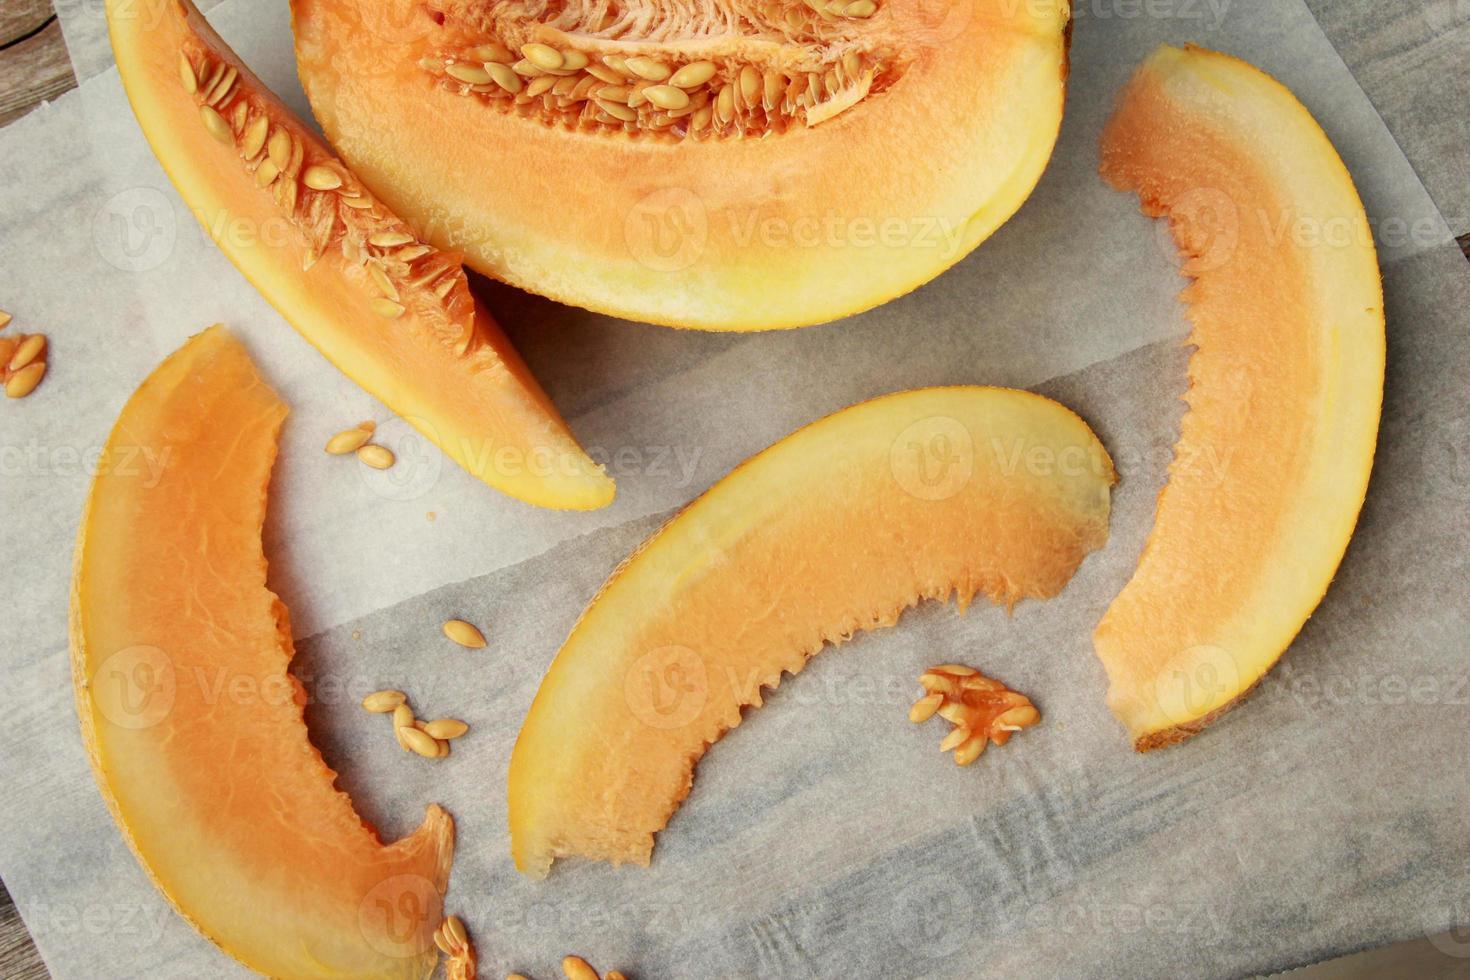 Cantaloupe photo